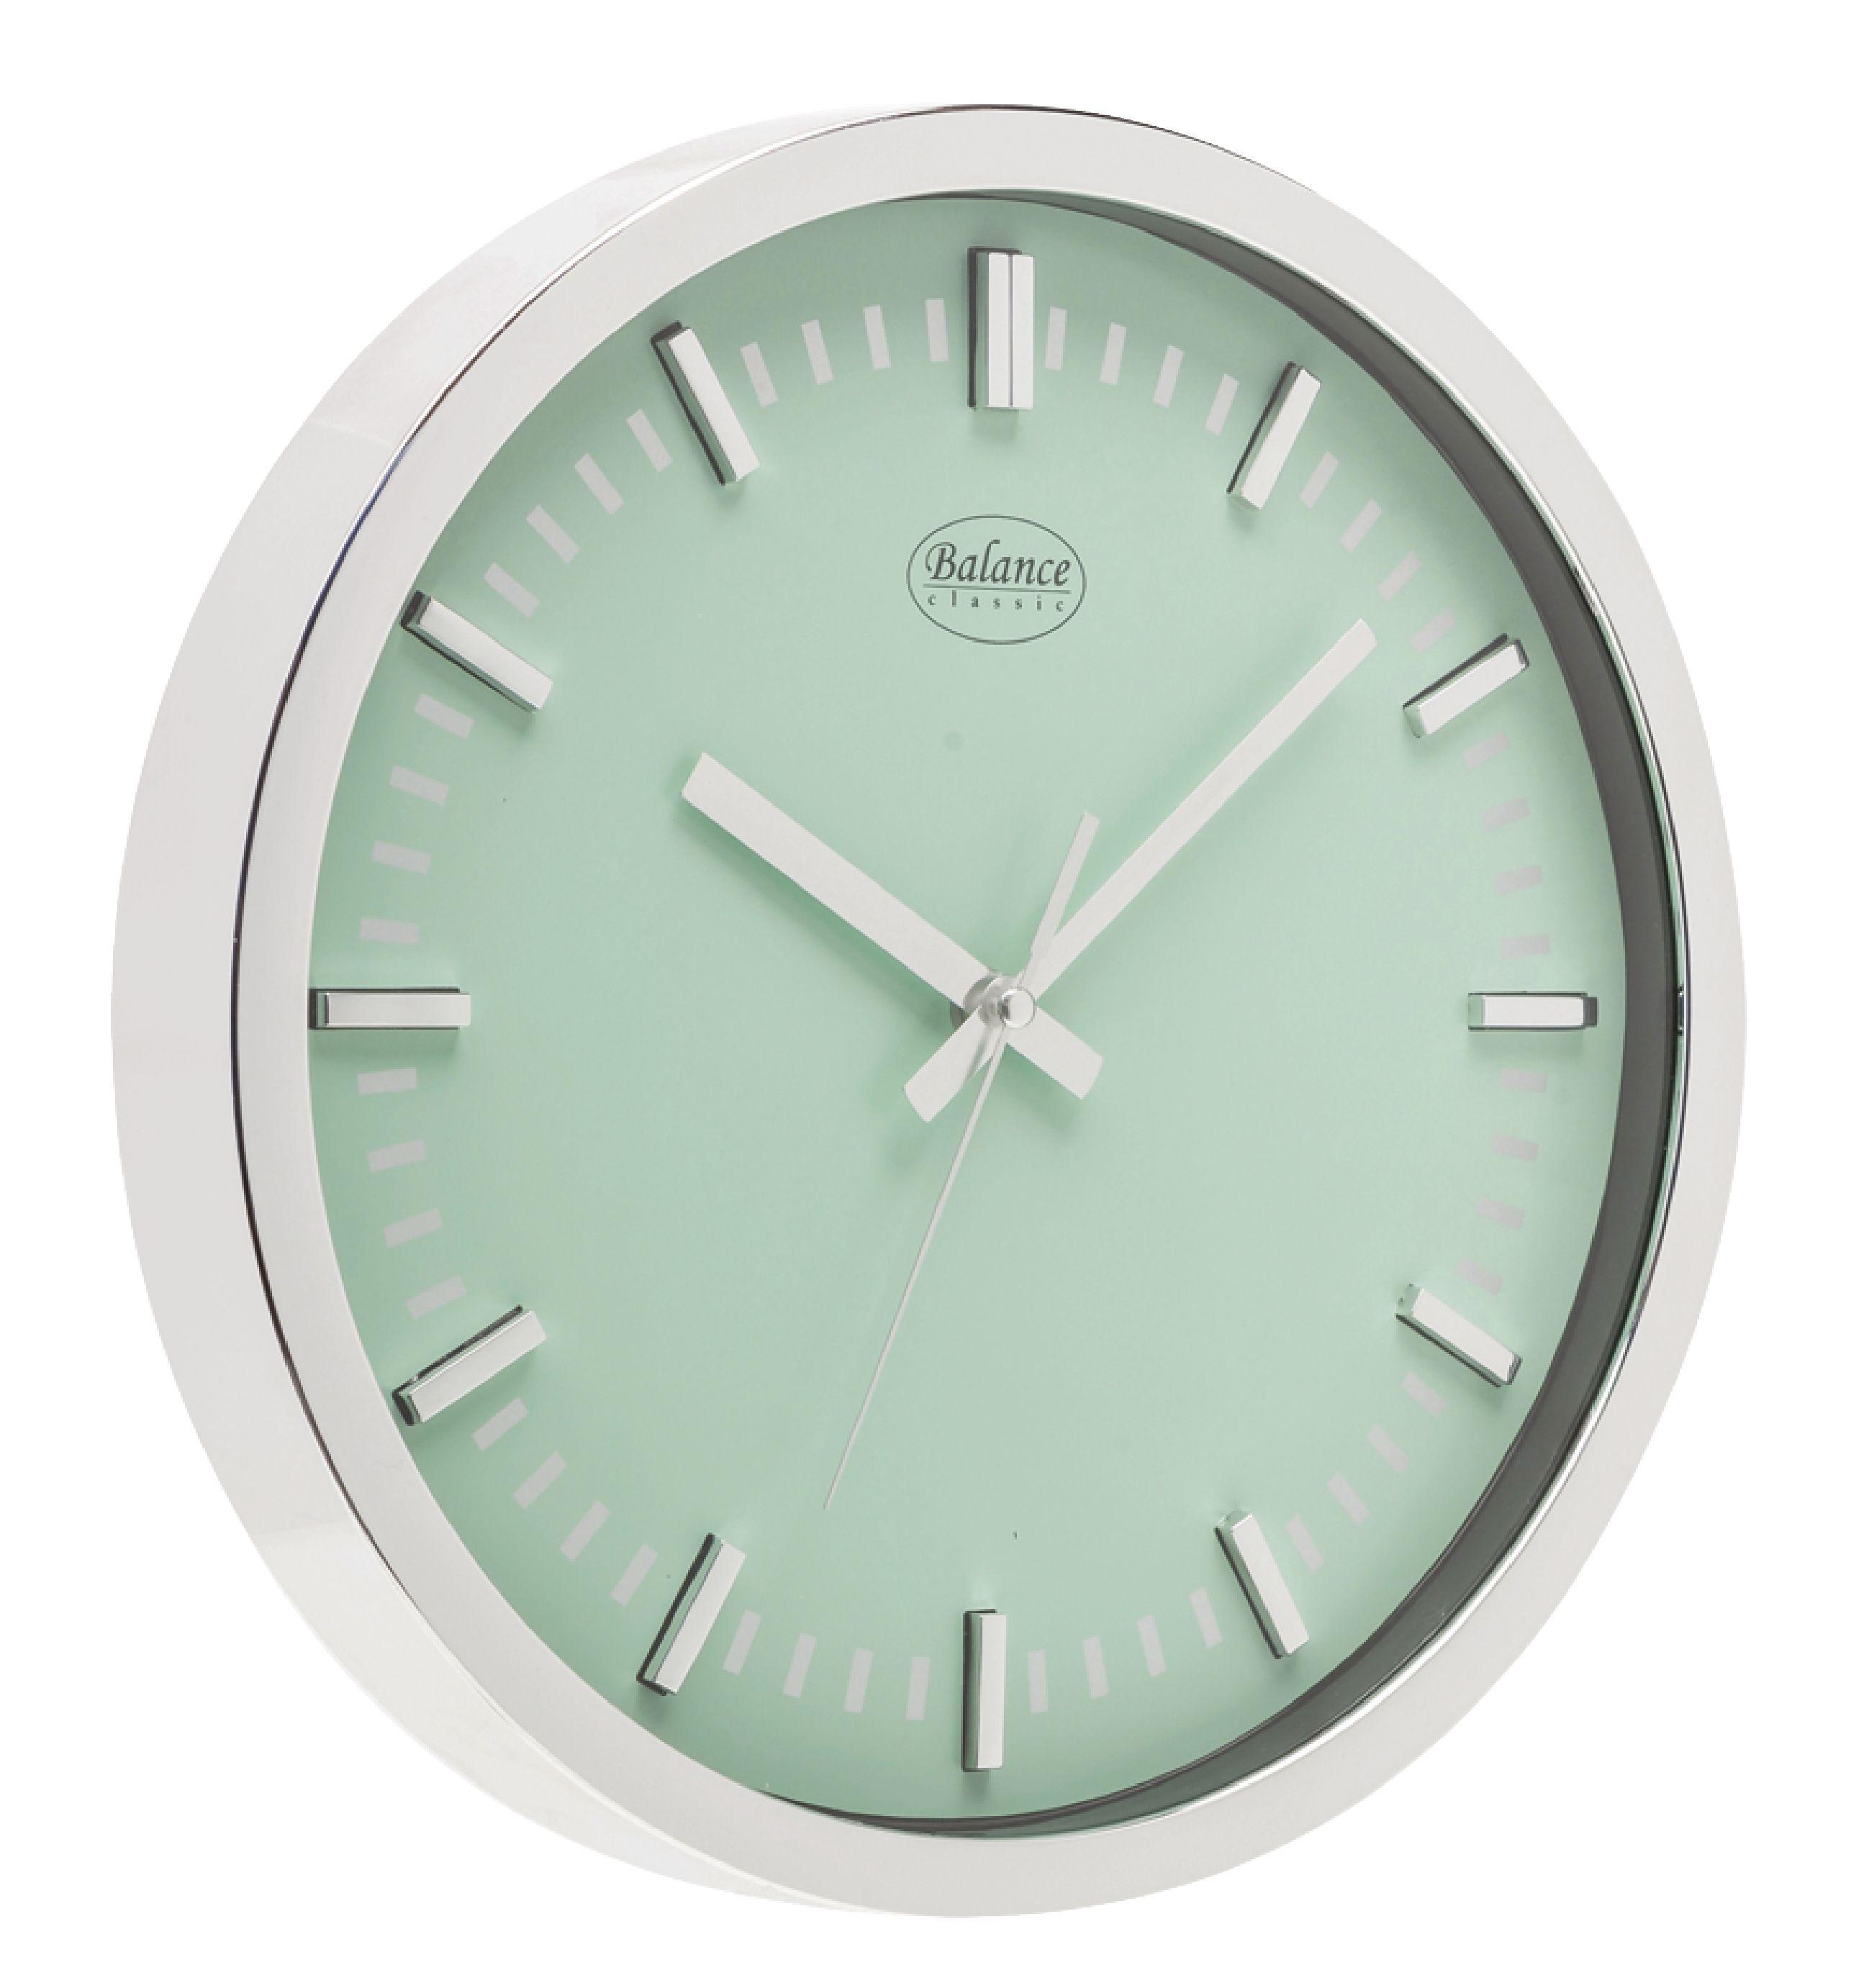 Analogové nástěnné hodiny 30 cm Balance 776831